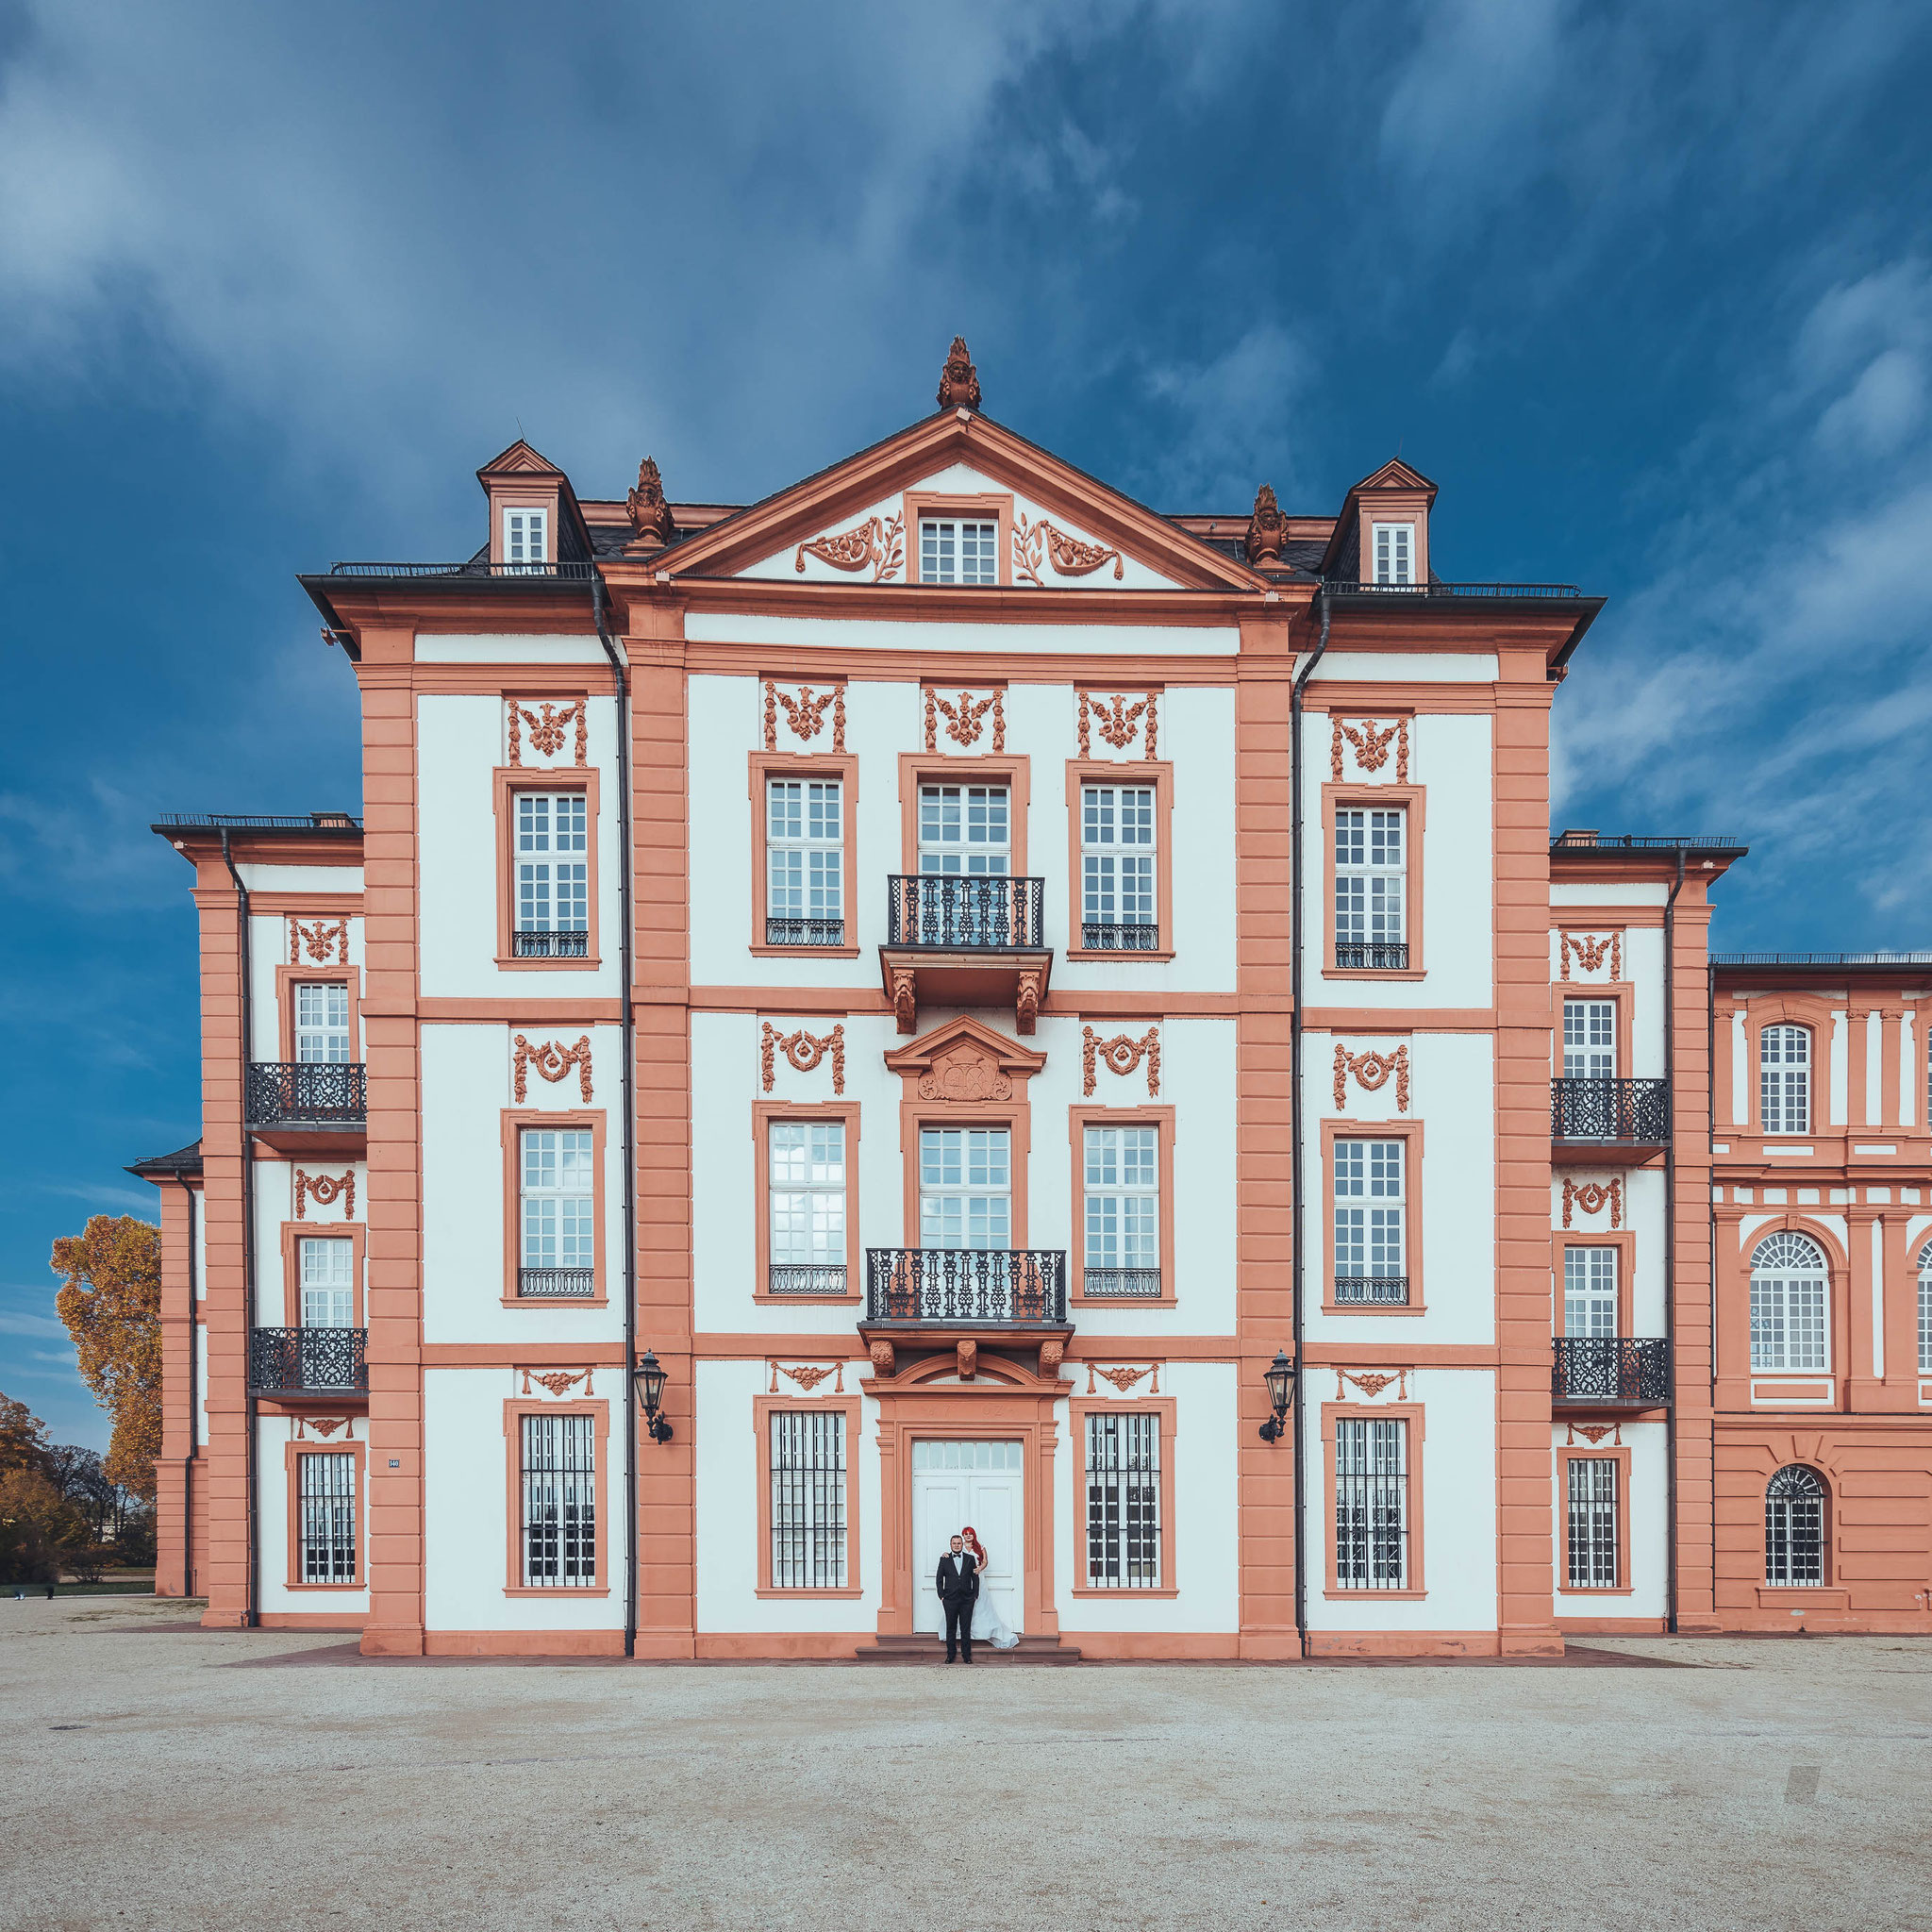 Foto und Video für internationale Hochzeit in Aschaffenburg, Kassel, Mannheim, Koblenz, Bad Homburg